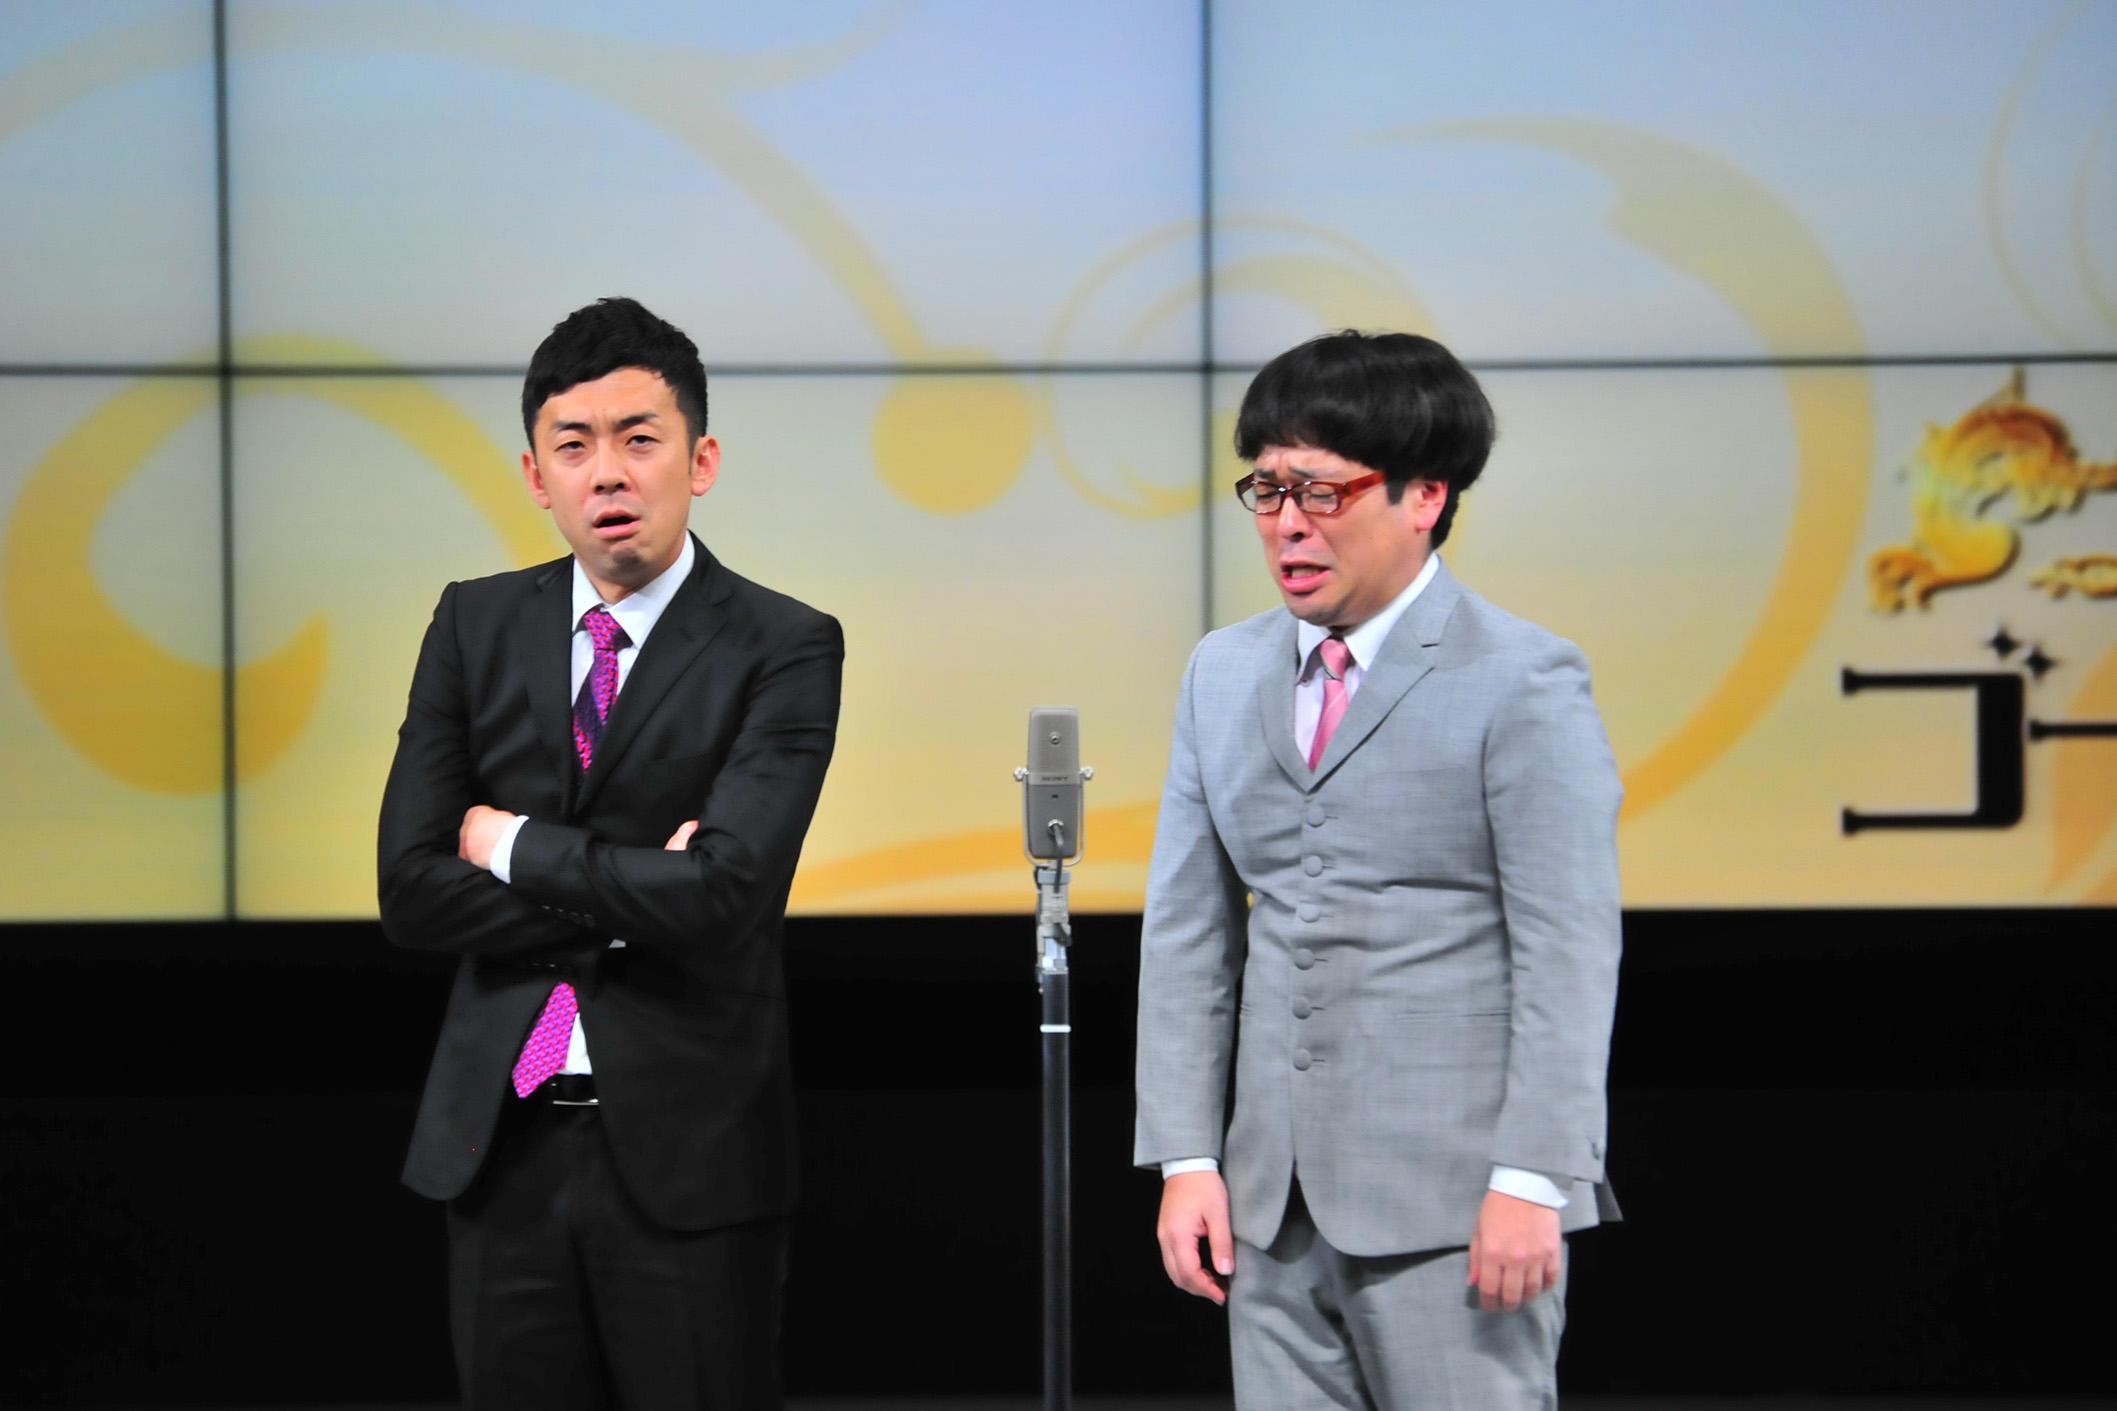 http://news.yoshimoto.co.jp/20160429204631-fc0757cd87dfc90f990a24eb772a269b3fb04941.jpg